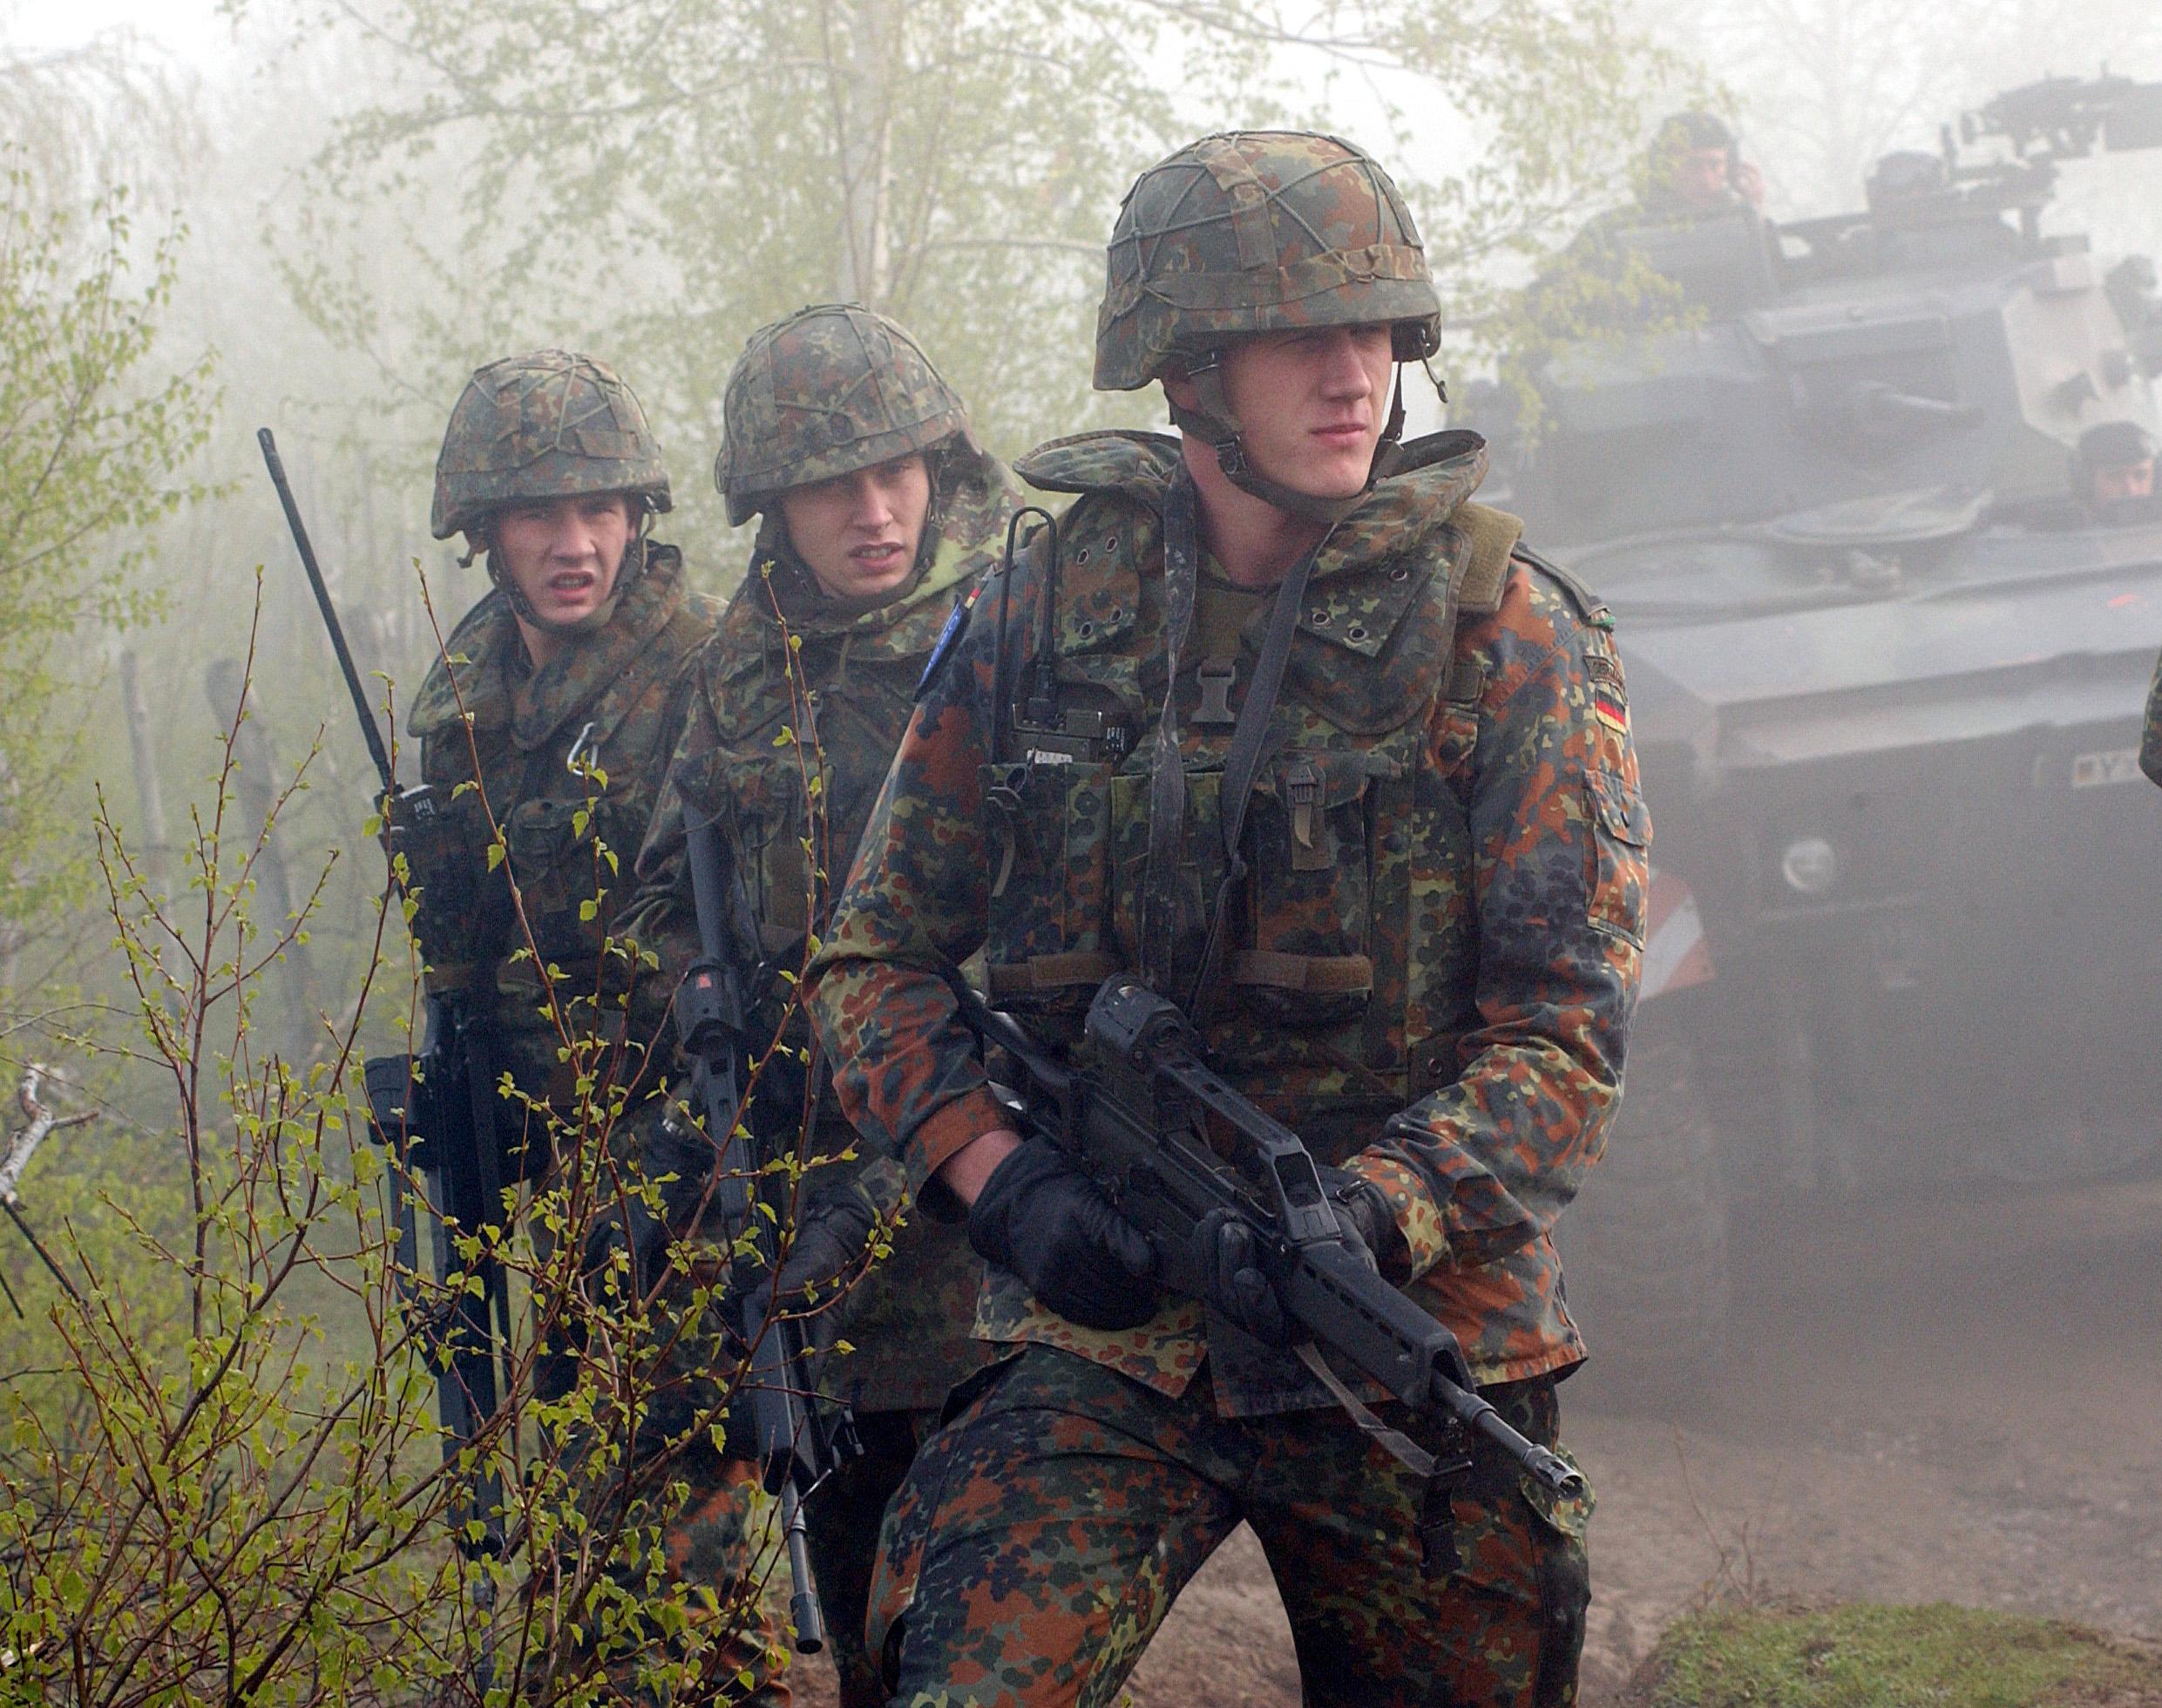 quelle: wikipedia - Deutsche Soldaten bekommen eigenen Impfstoff